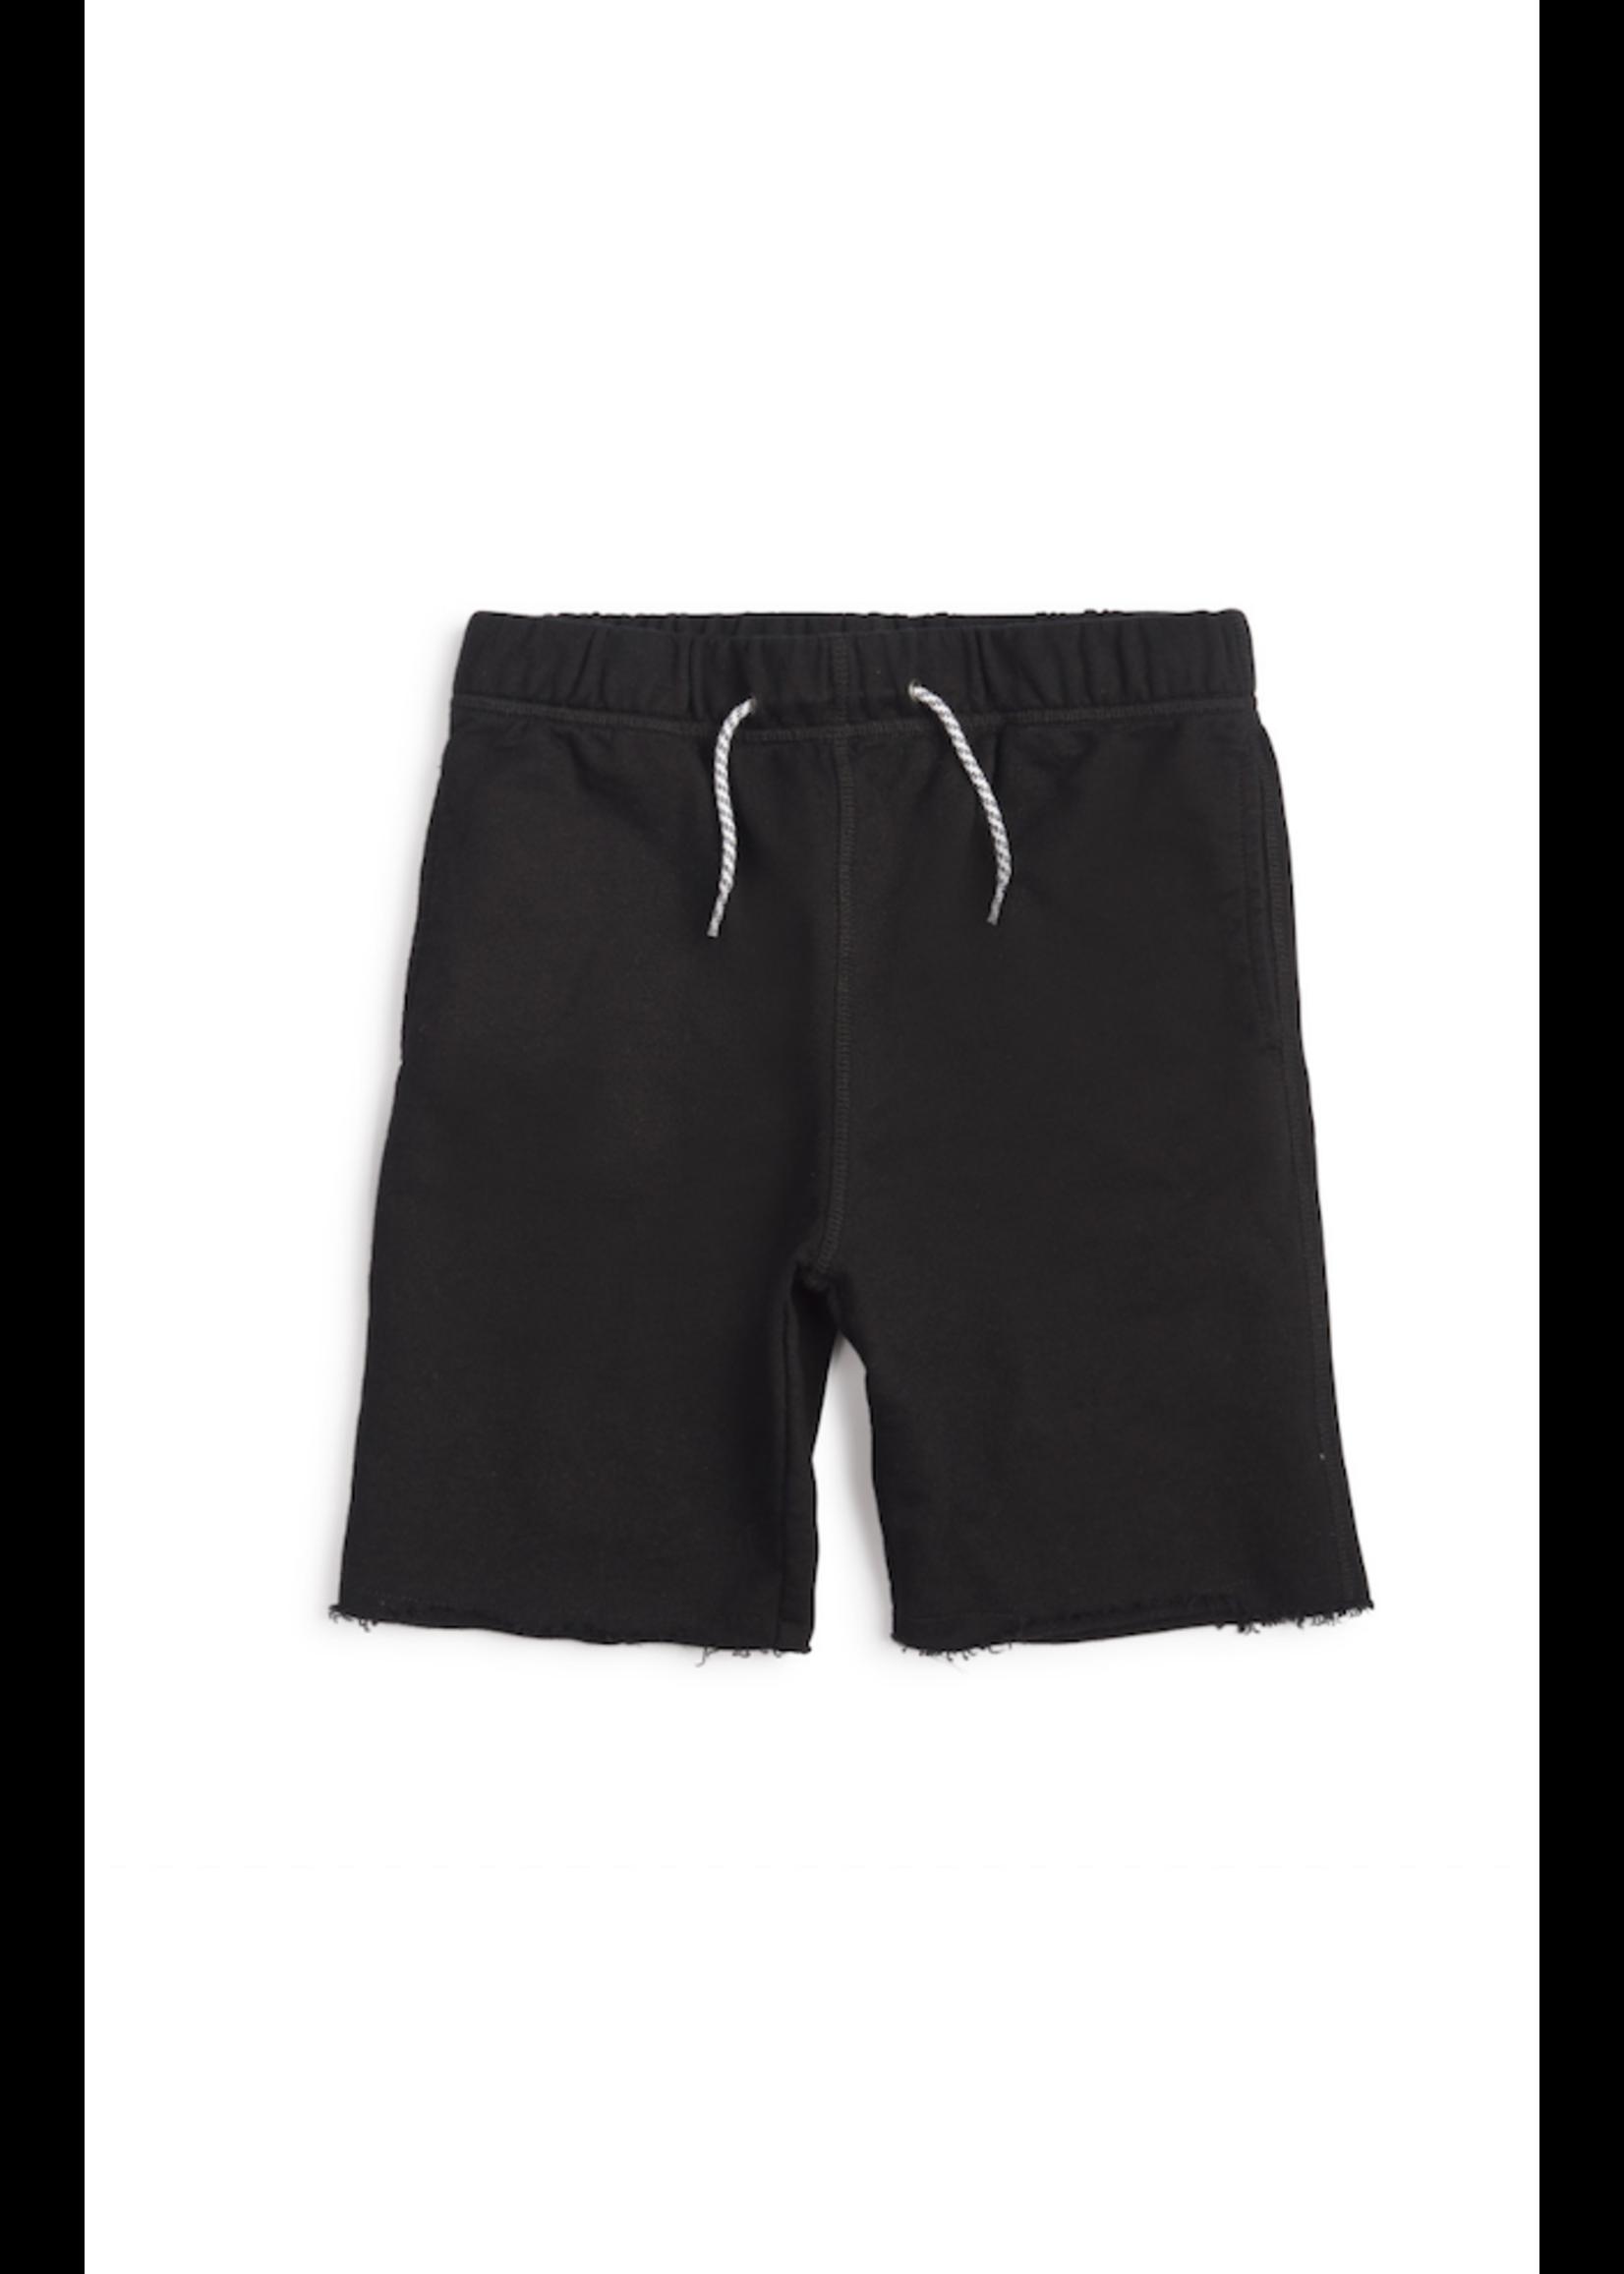 Appaman Appaman, Camp Shorts - P-60521